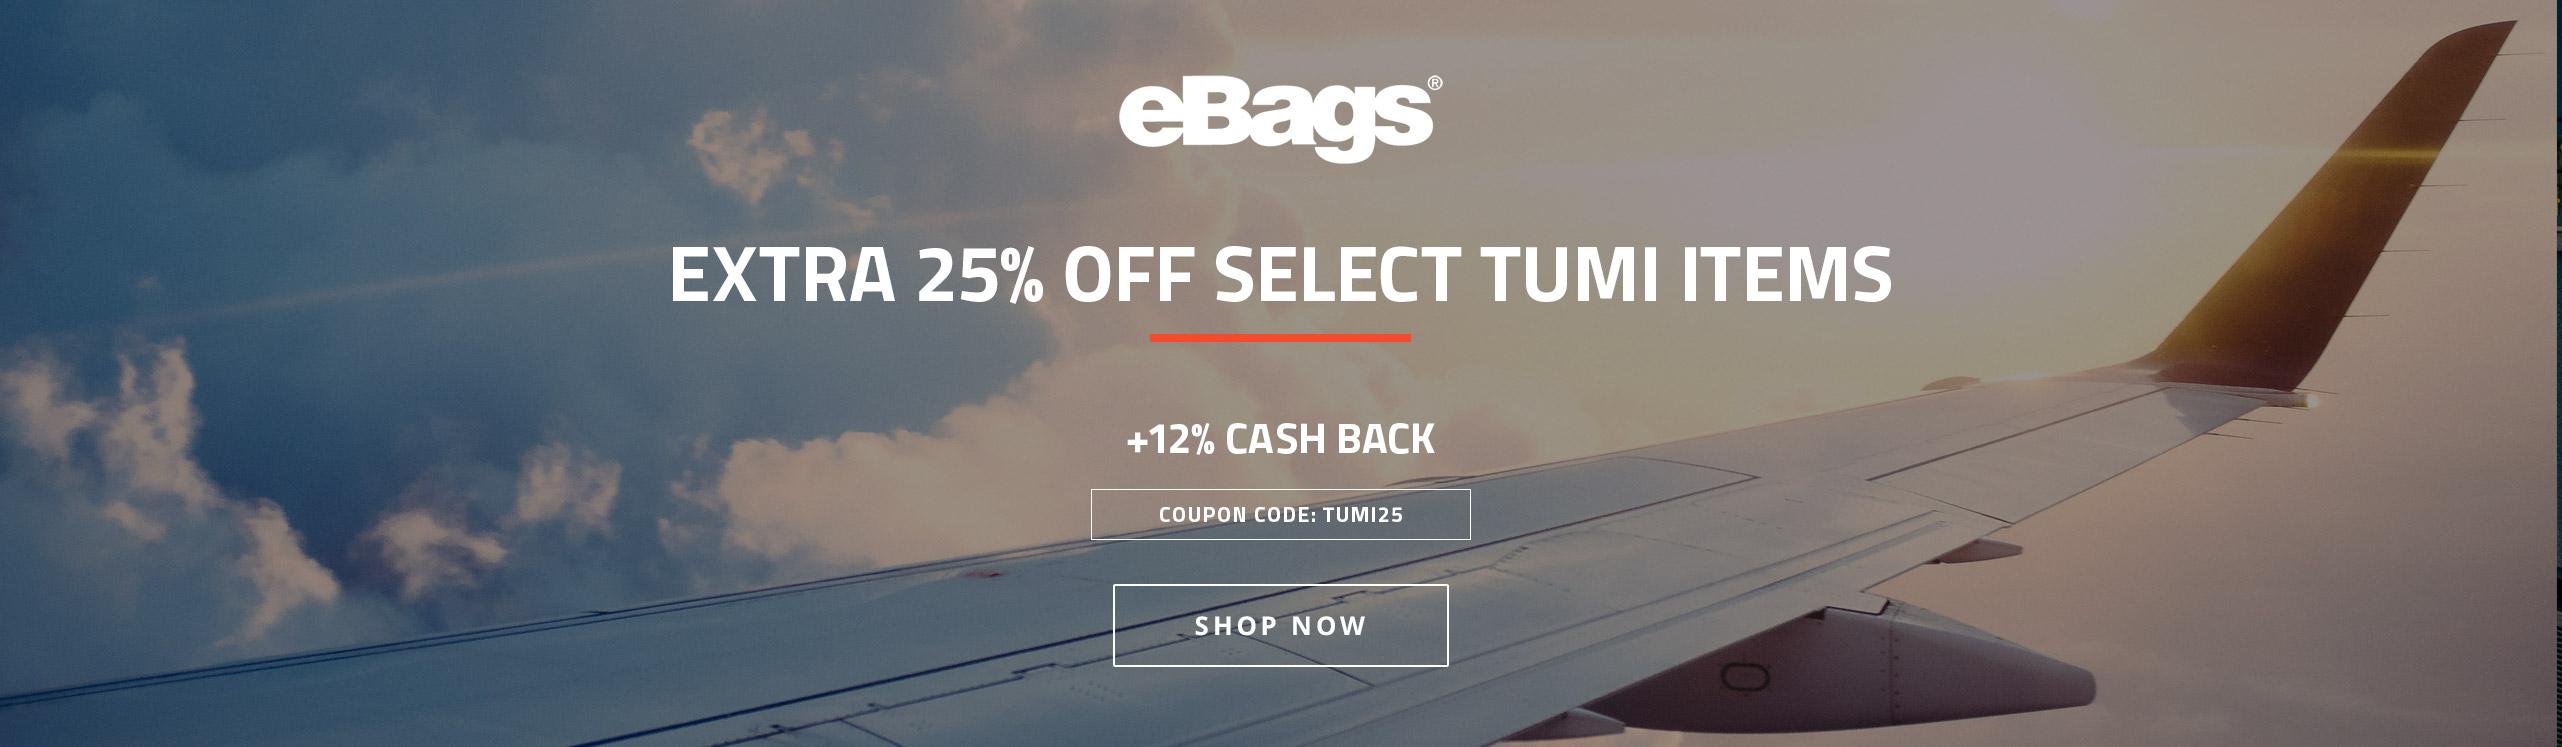 eBags (12%) Extra 25% off Tumi